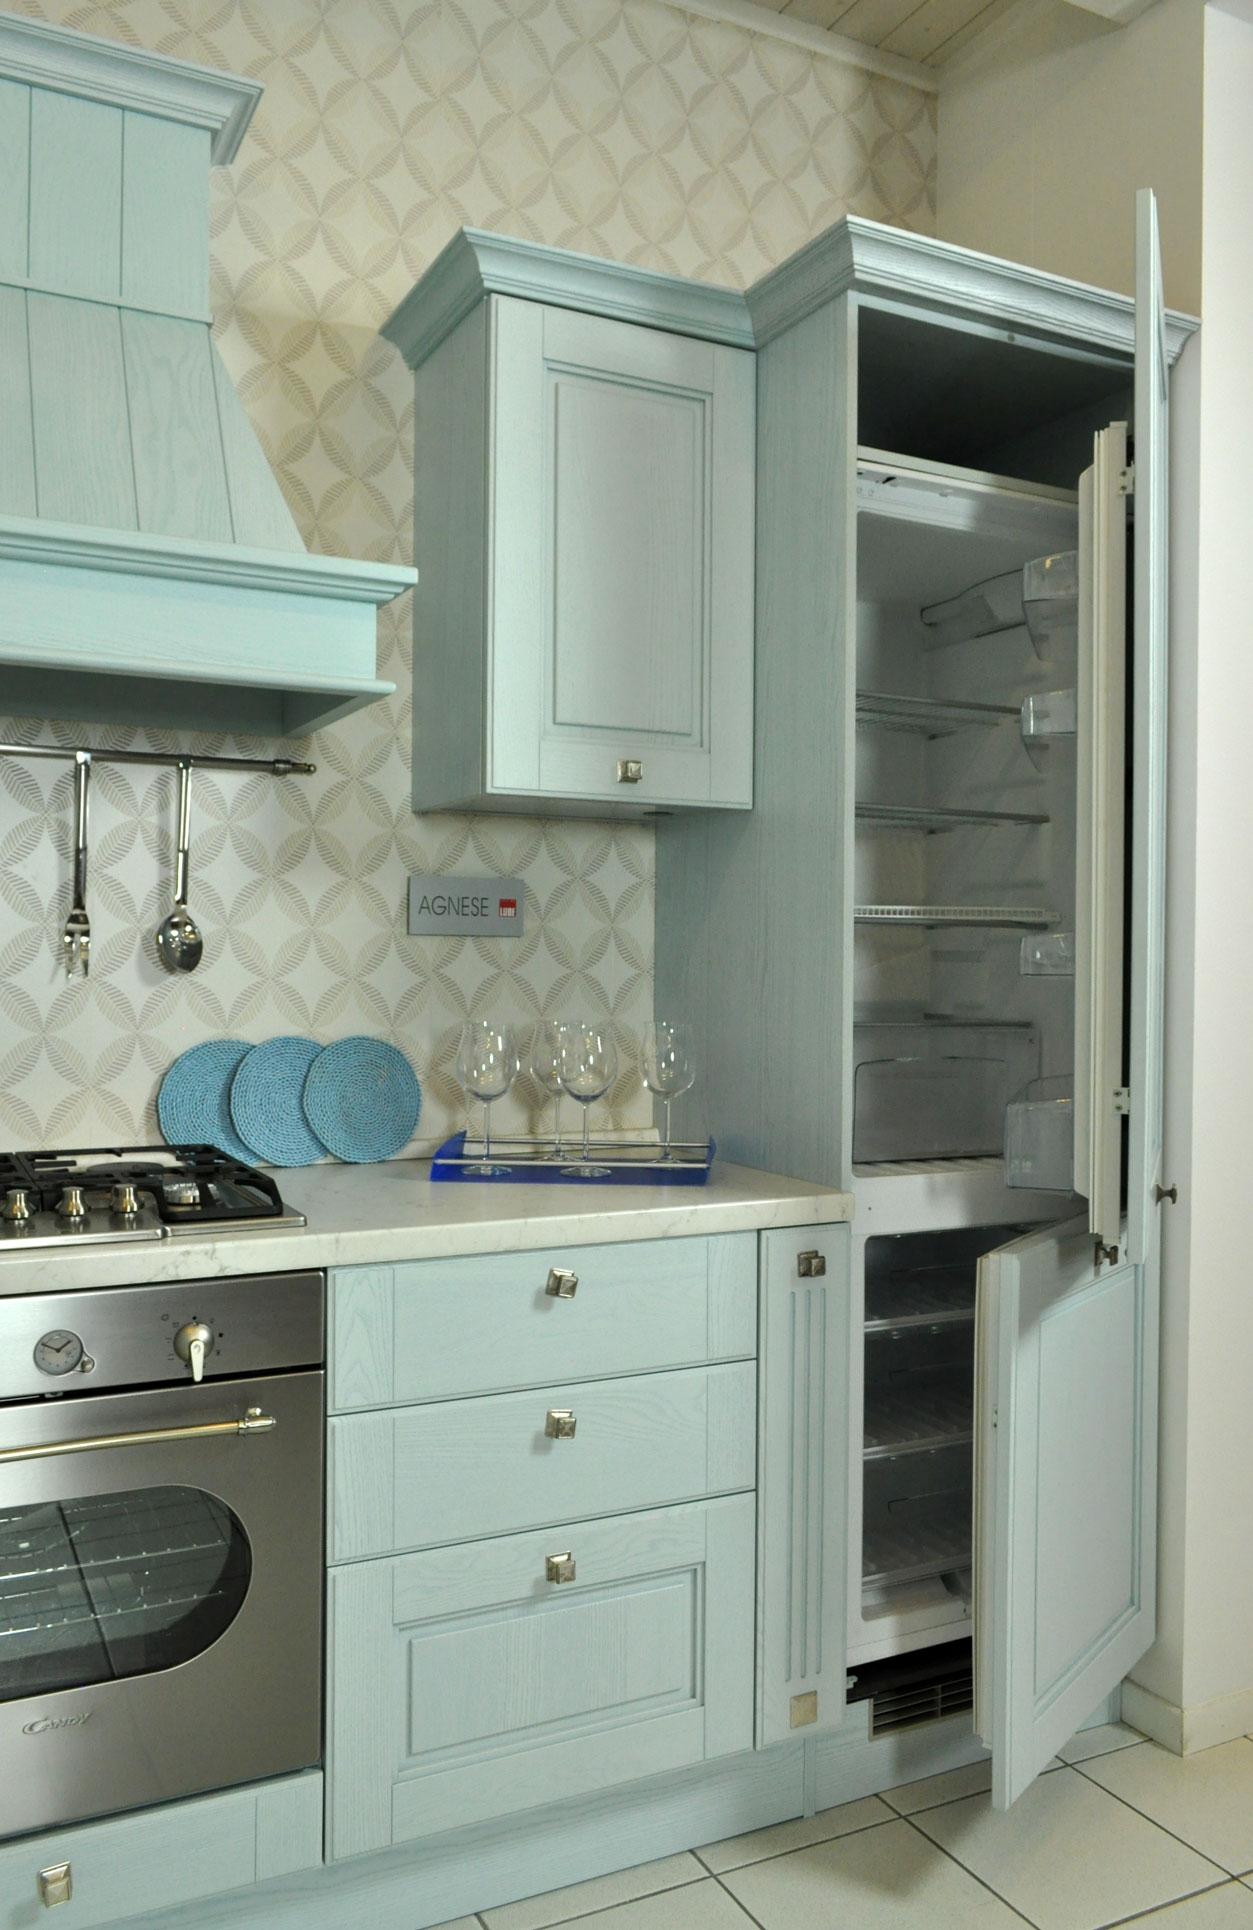 Cucina Lube Modello Agnese Photos - Home Ideas - tyger.us